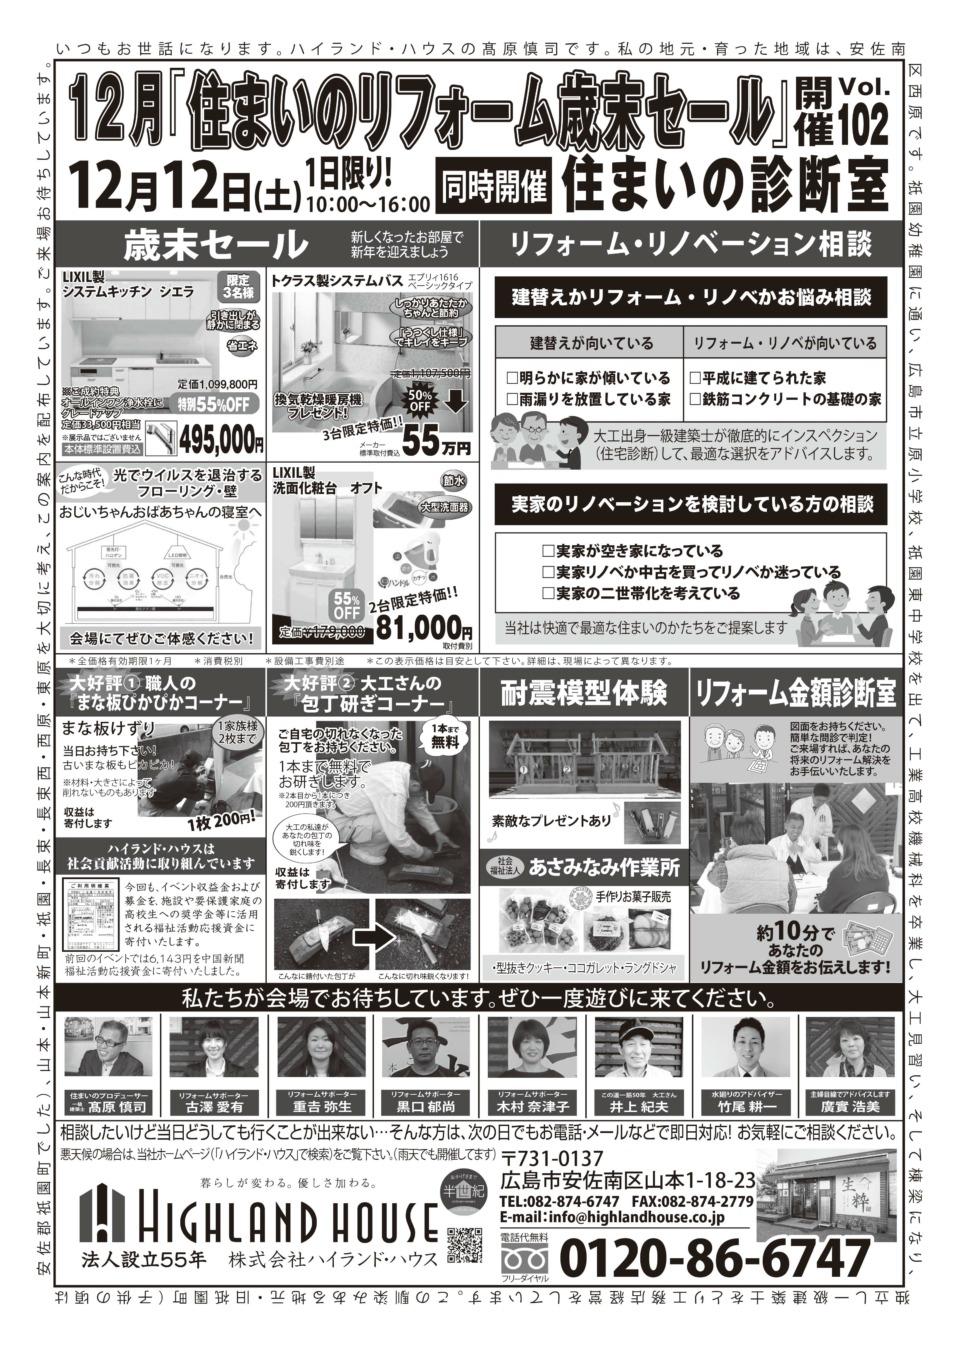 12月イベント「住まいのリフォーム歳末セール」開催